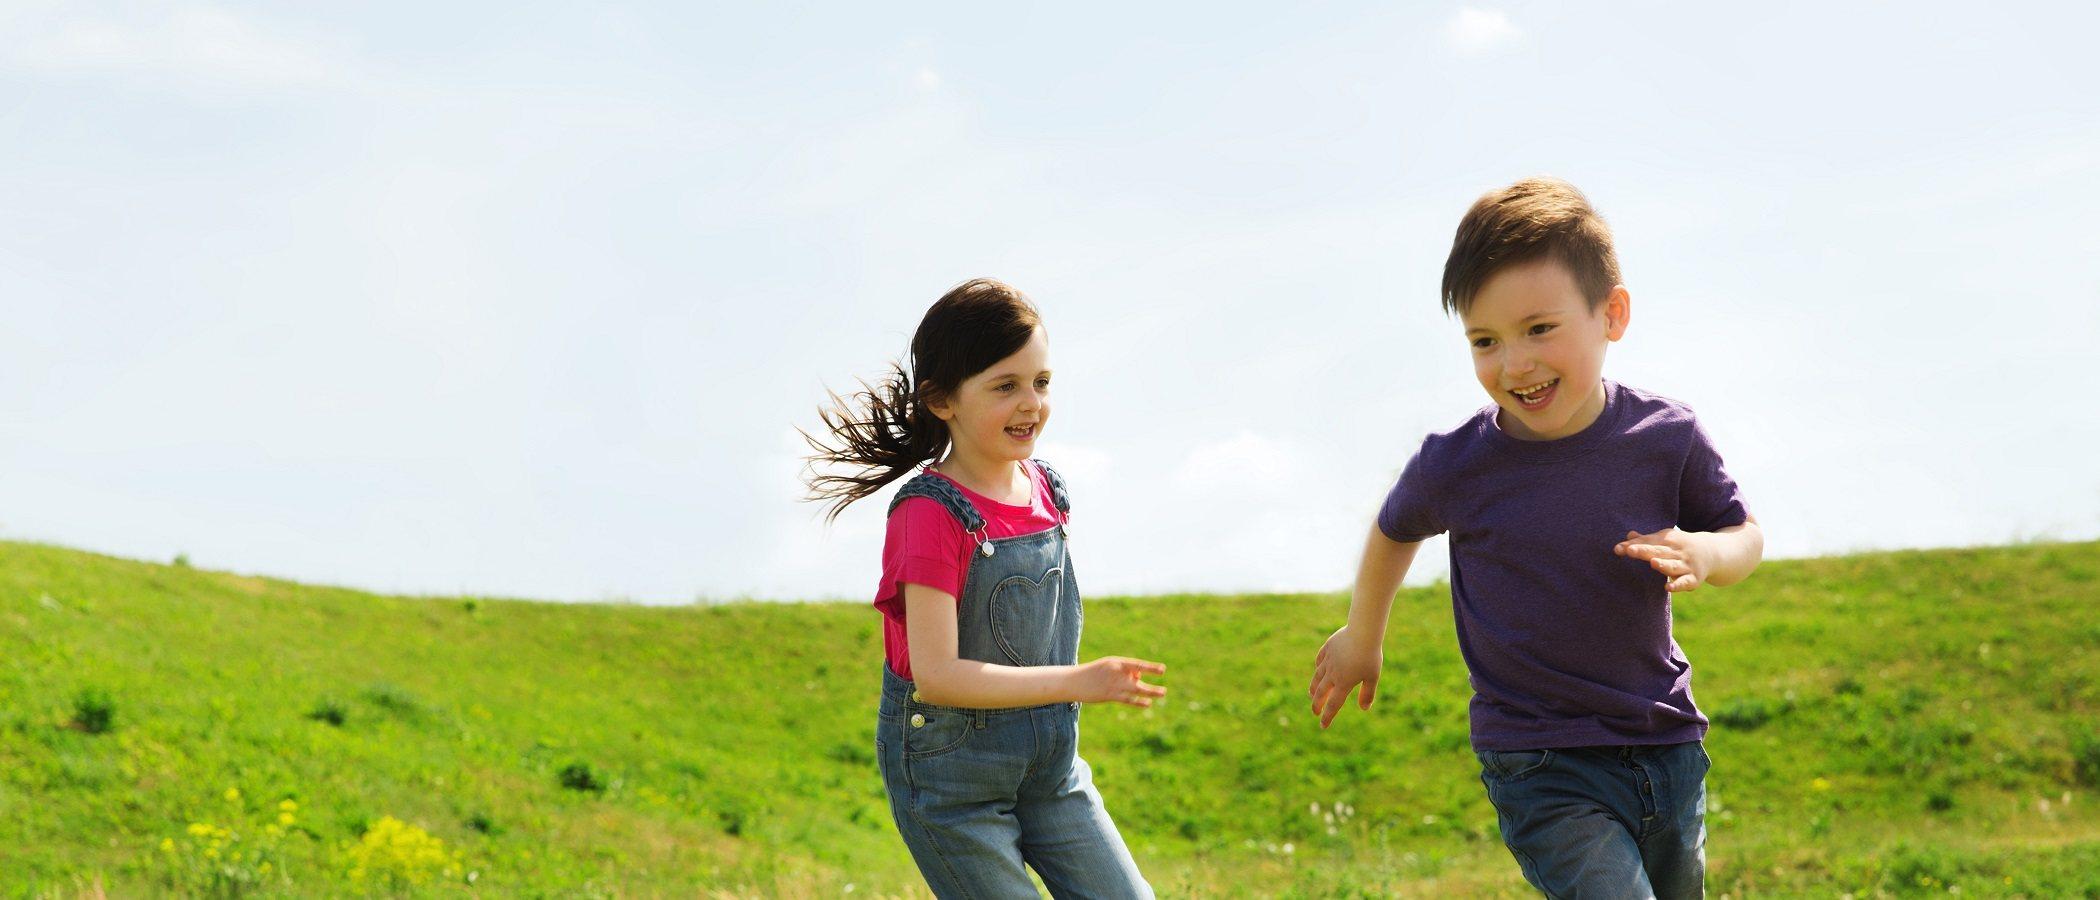 El vecindario donde vivas influye en tu salud y en la de tu familia